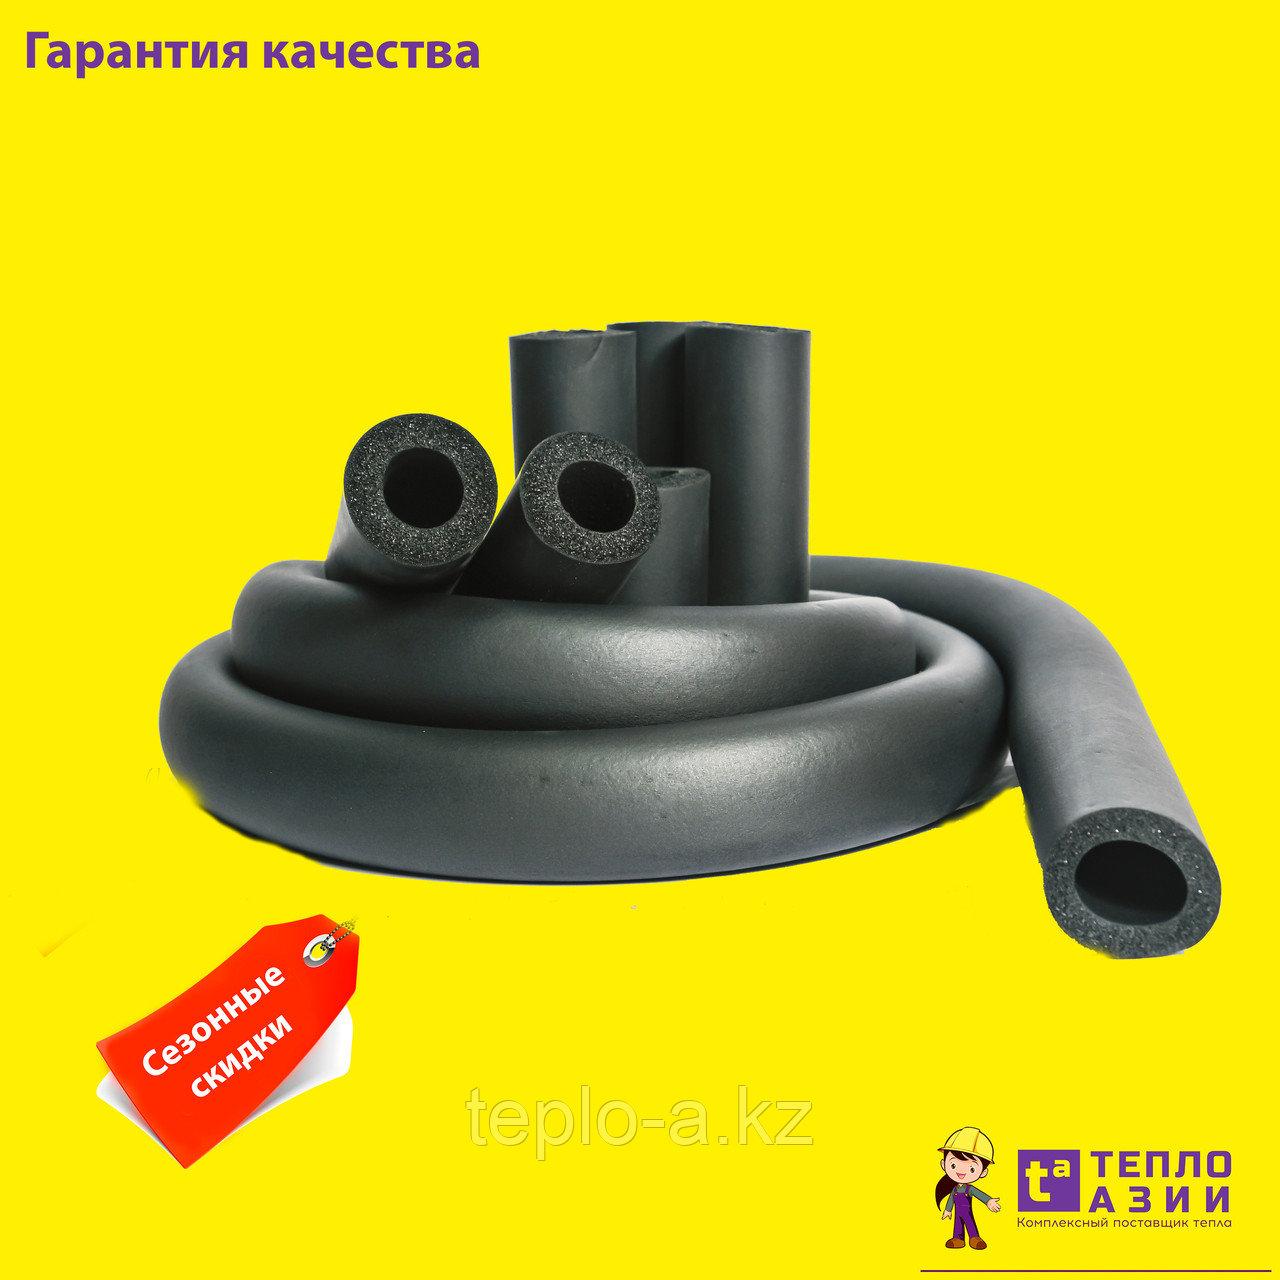 Каучуковая трубчатая изоляция Misot-Flex St  9 *76 mm.